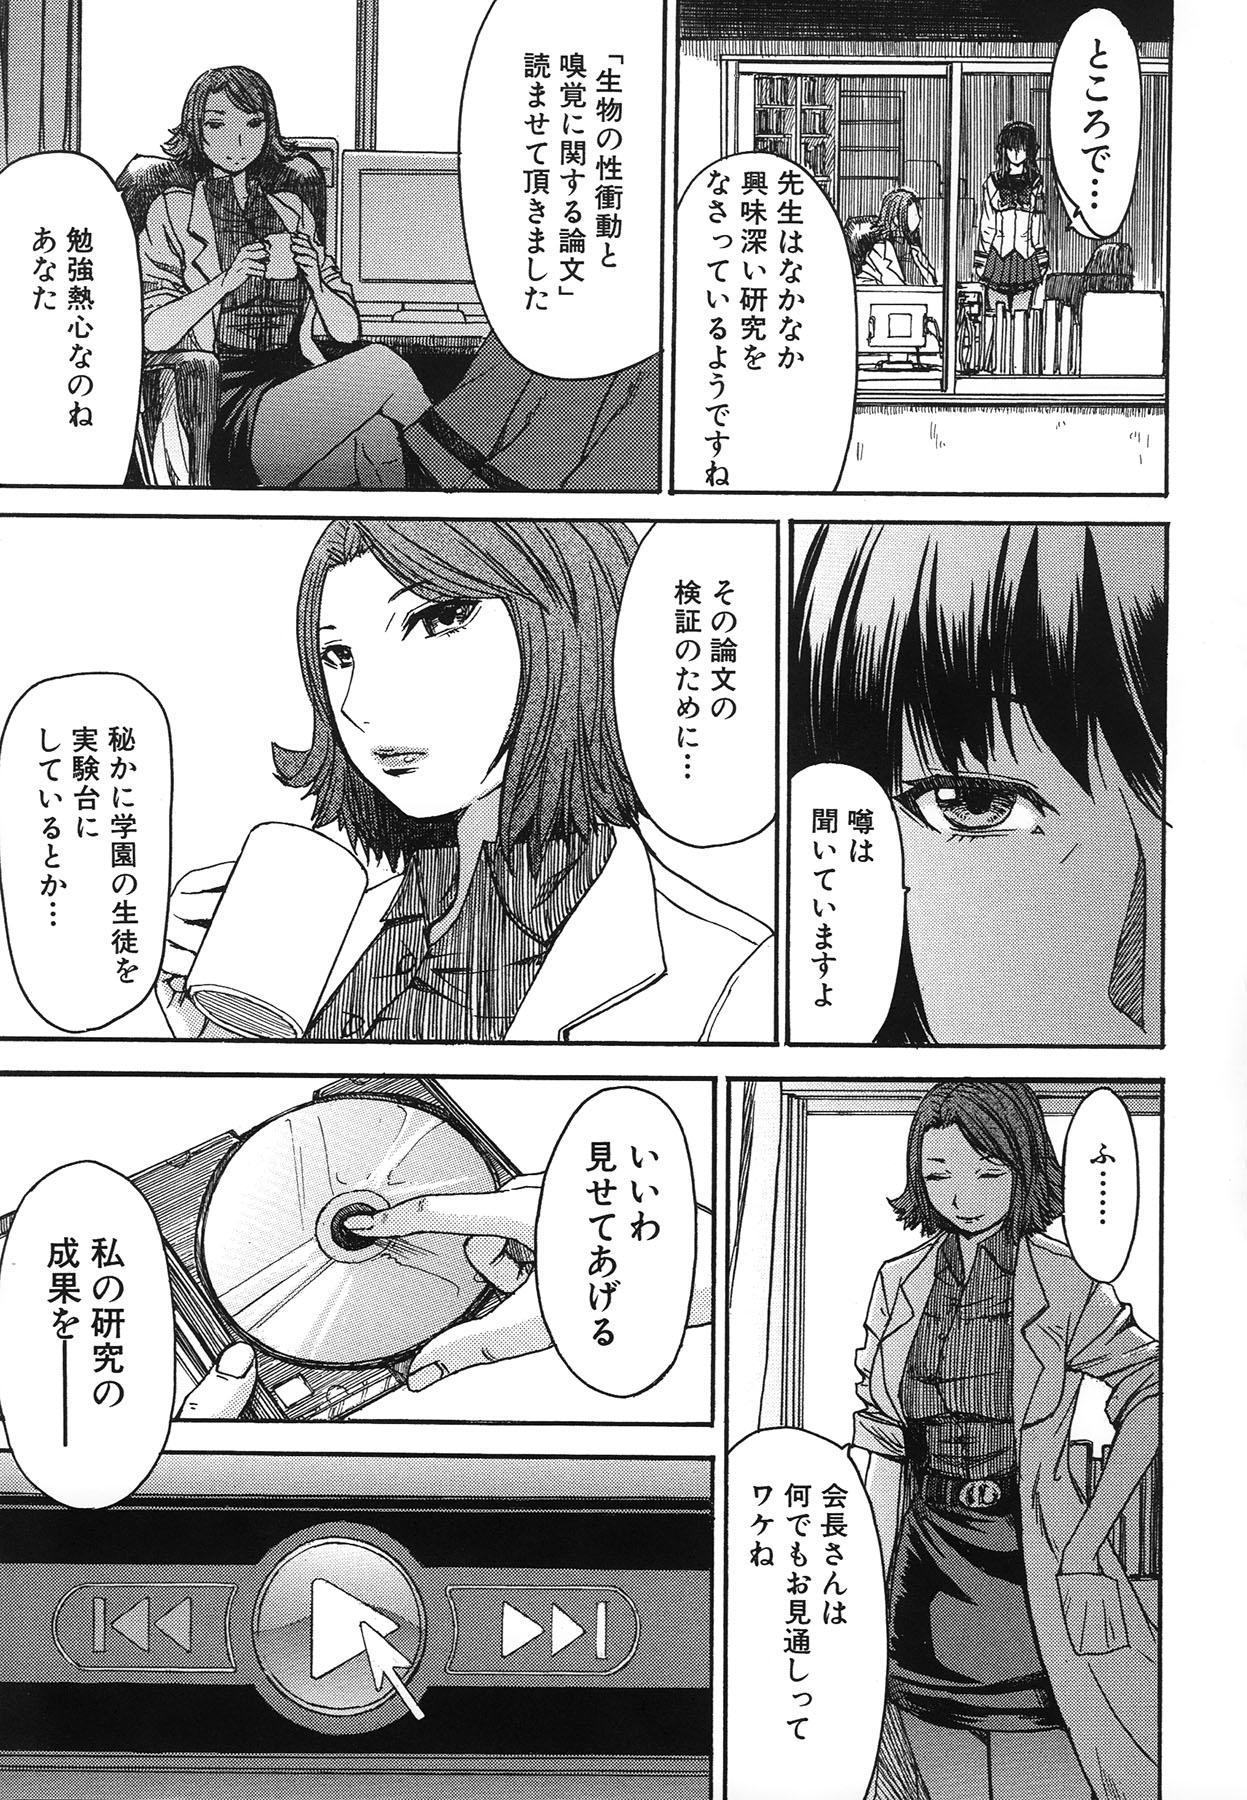 Ashigami 124